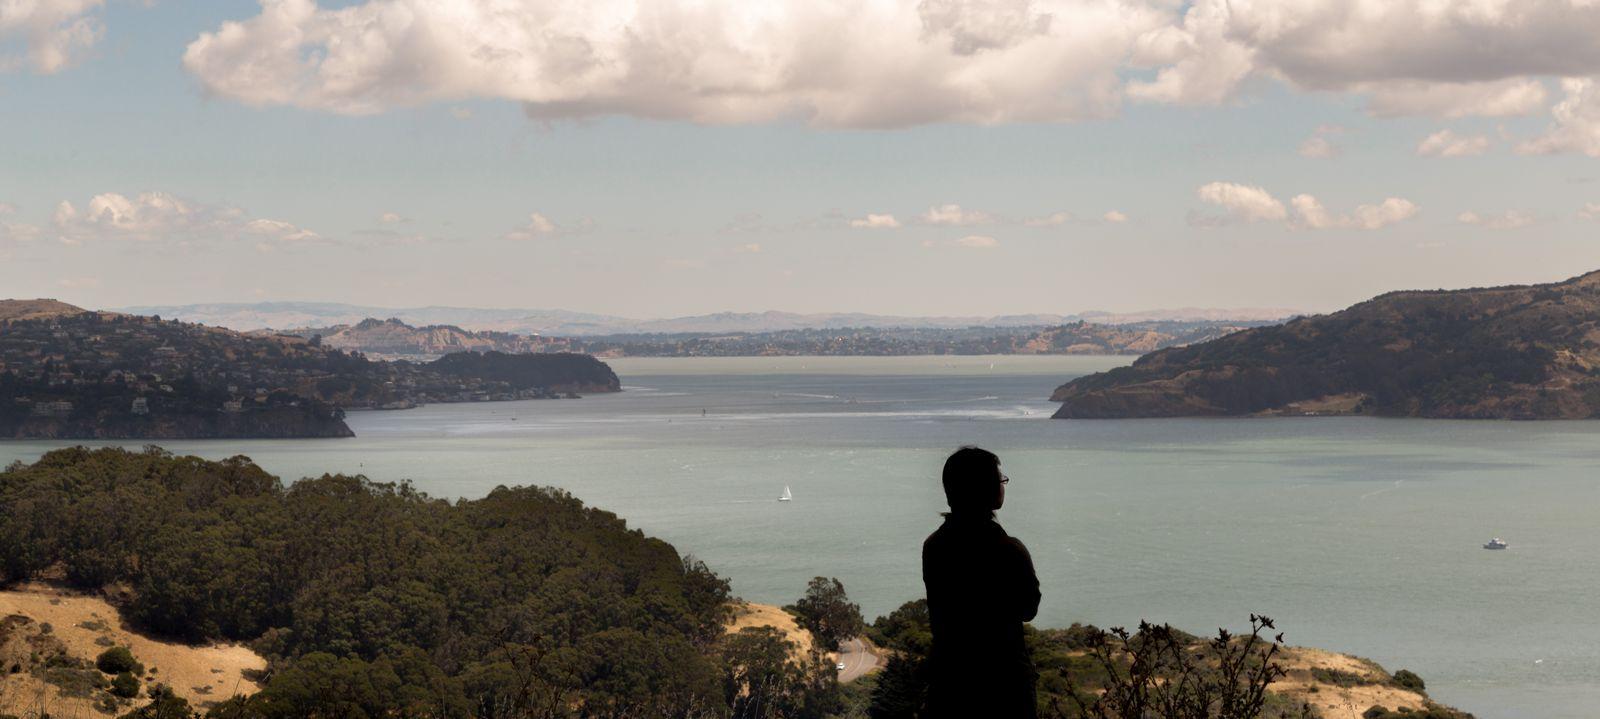 Las vistas hacia más allá del puente